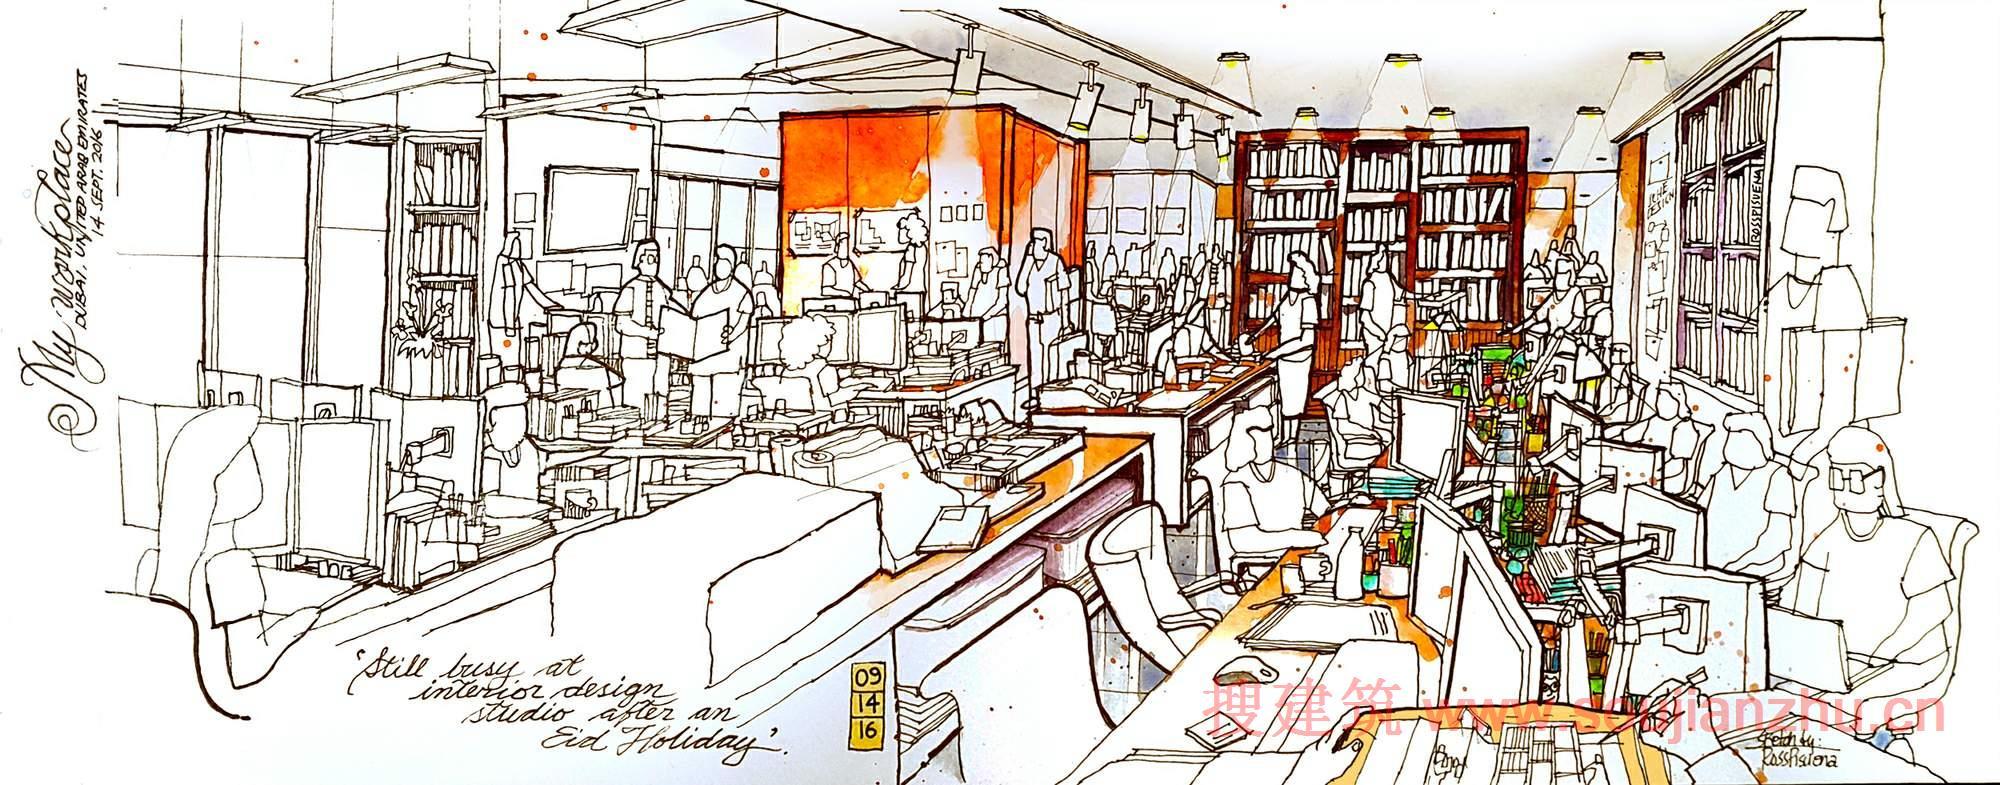 42种建筑工作空间,办公桌的草图,手绘和图表展示